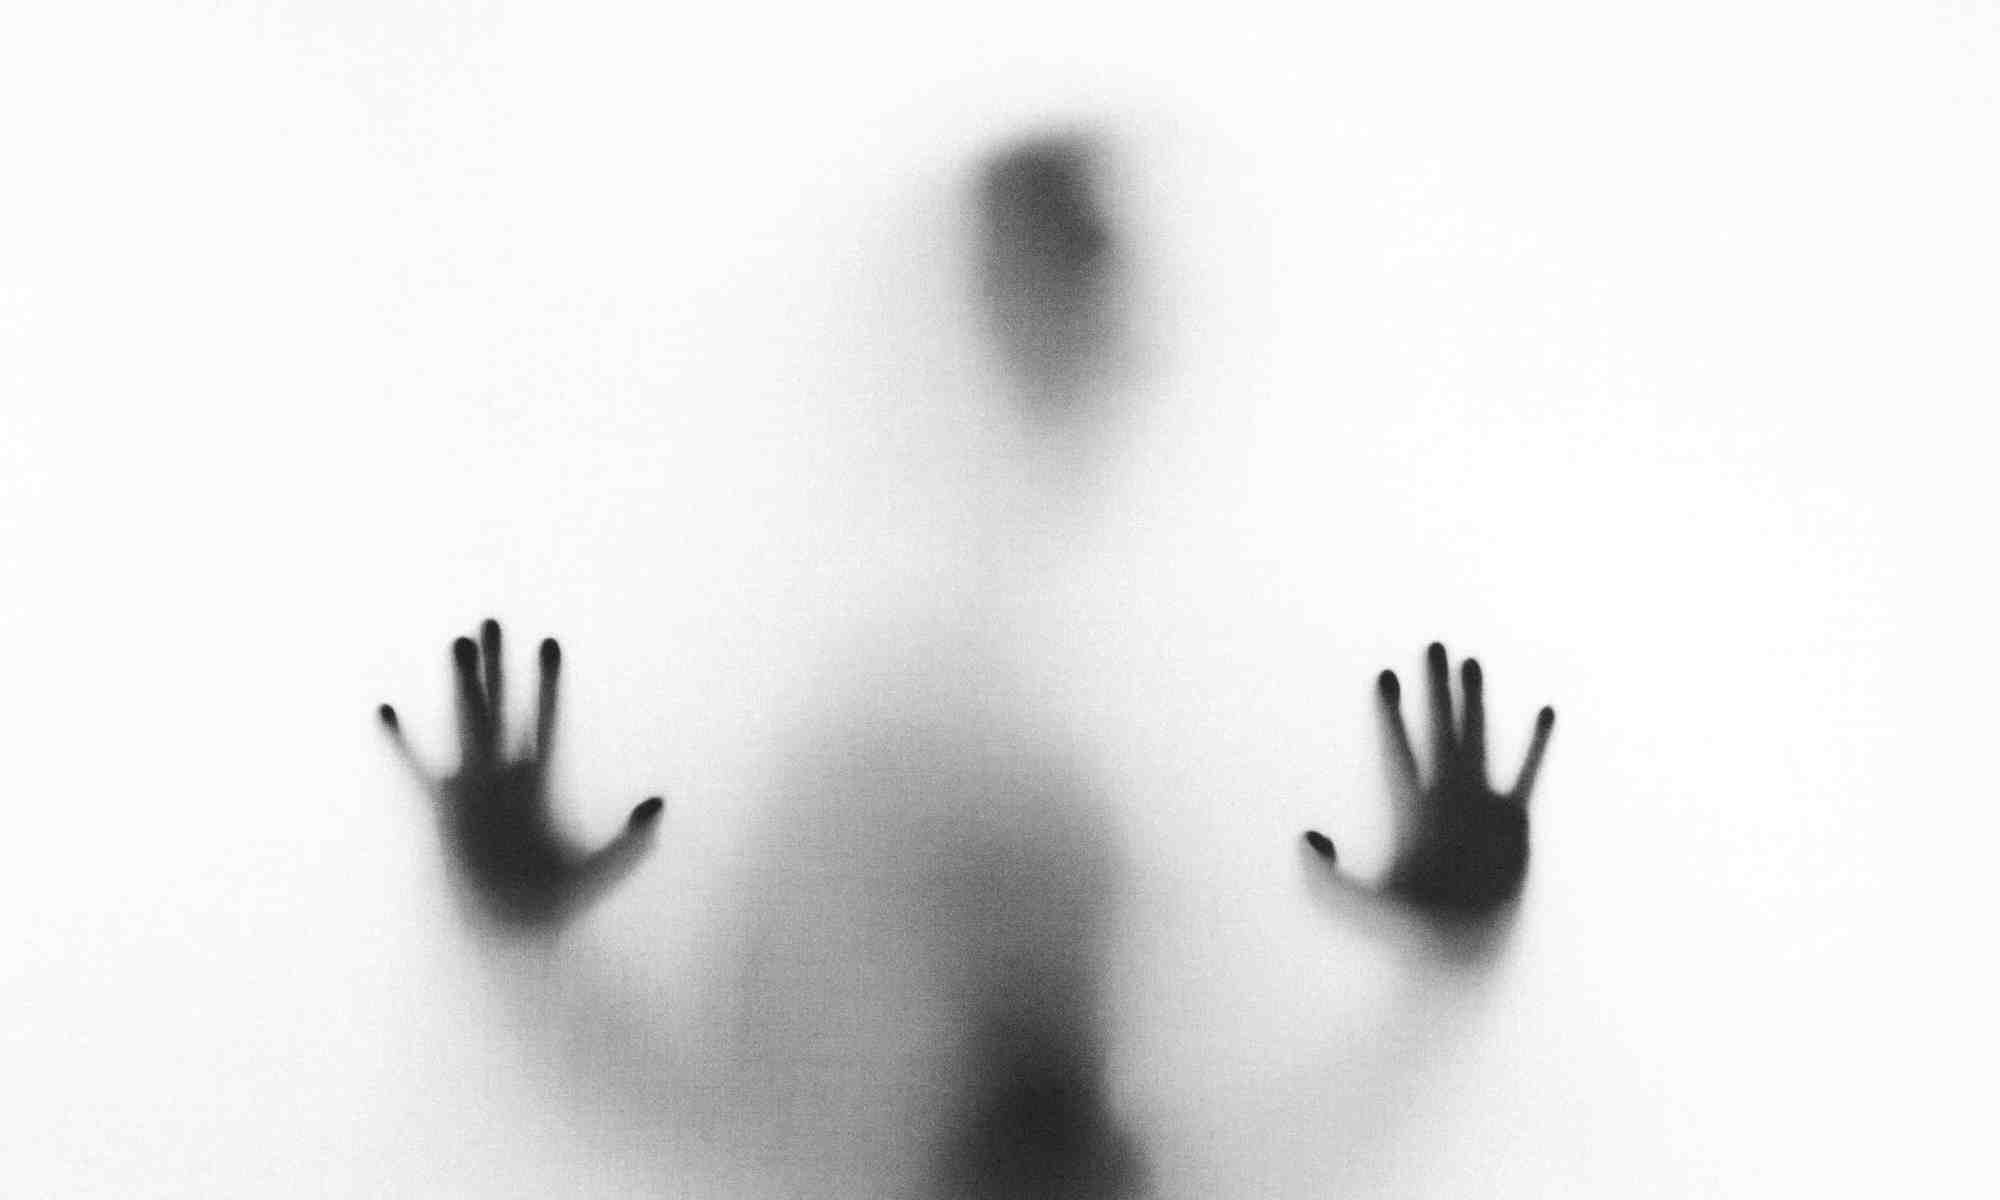 La Pandemia de la Depresión: entrevistando al Terapeuta Inconsciente 1